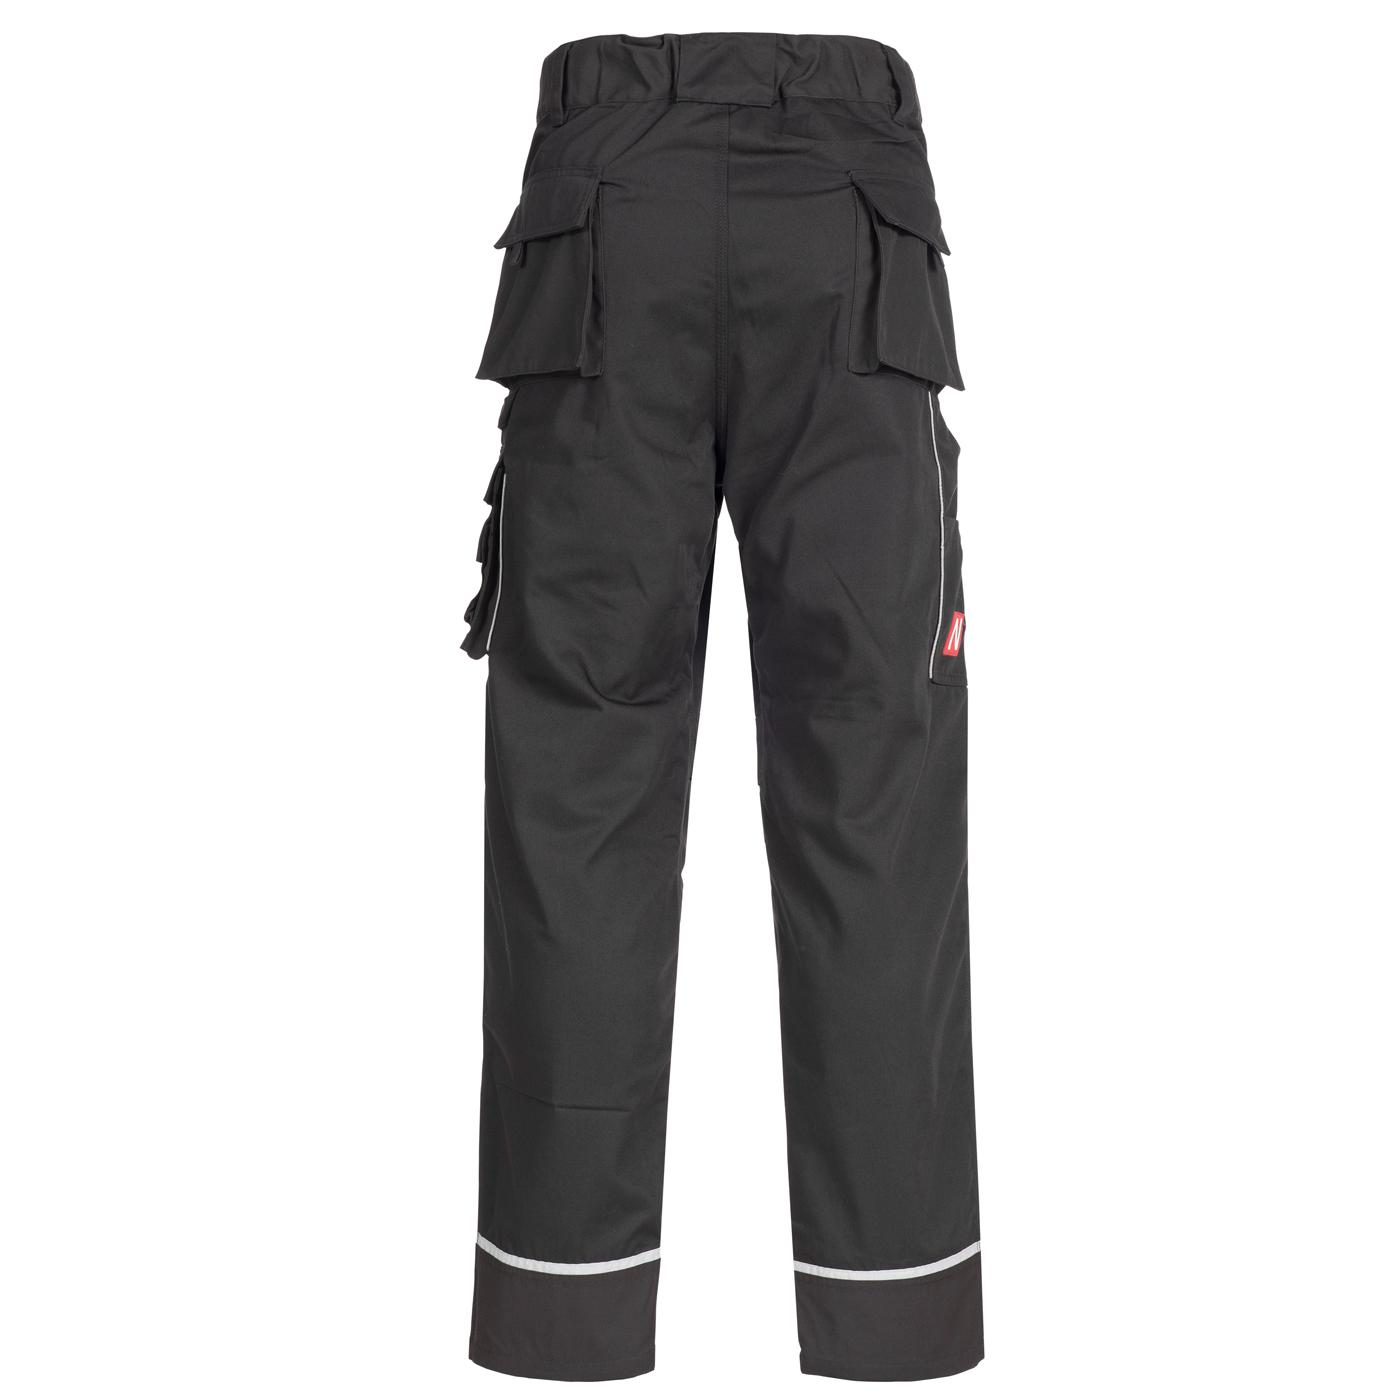 Spodnie robocze Nitras 7610